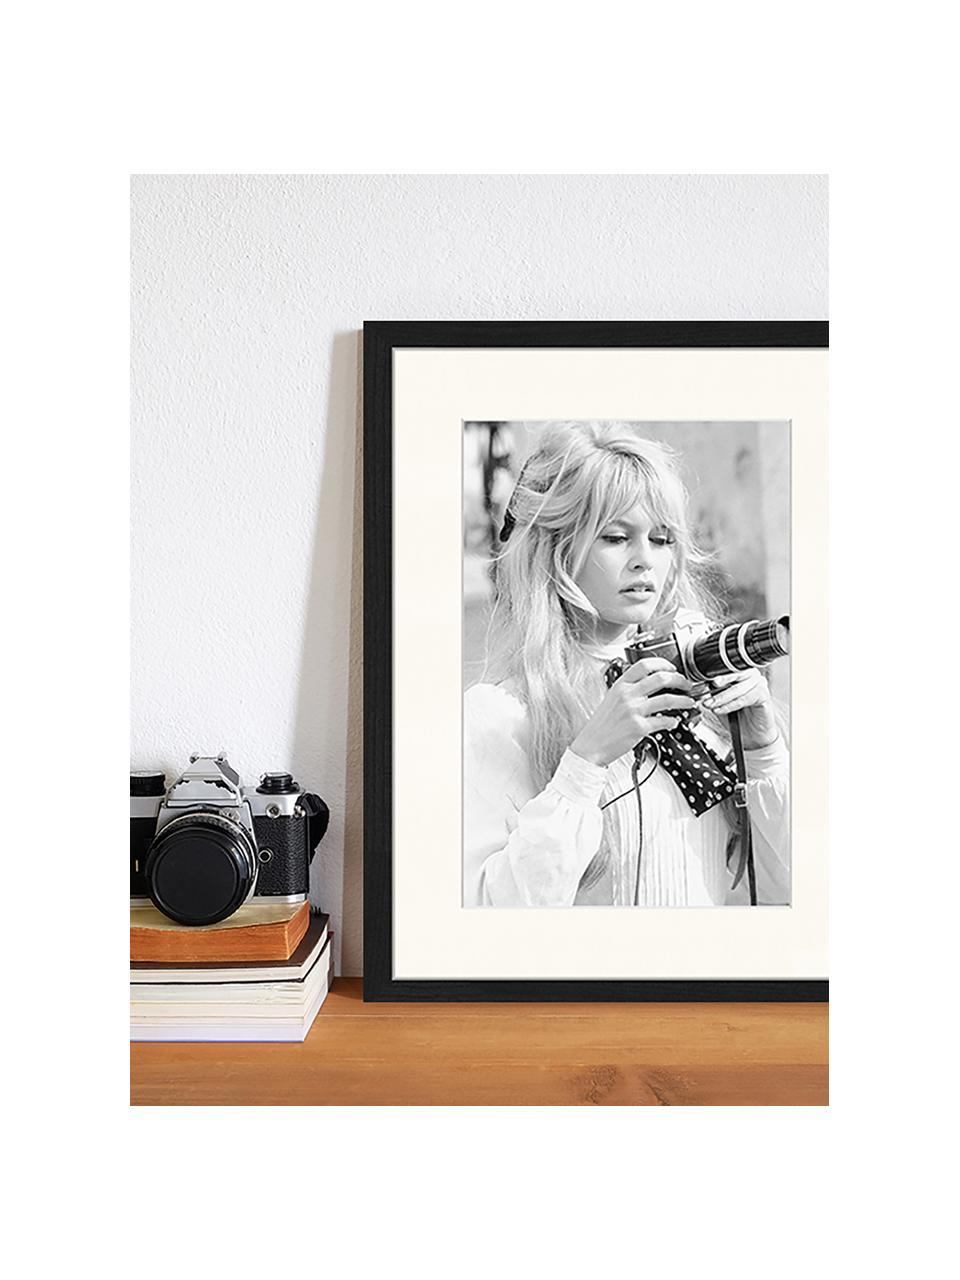 Gerahmter Digitaldruck Brigitte With Her Camera, Bild: Digitaldruck auf Papier, , Rahmen: Holz, lackiert, Front: Plexiglas, Schwarz, Weiß, 33 x 43 cm